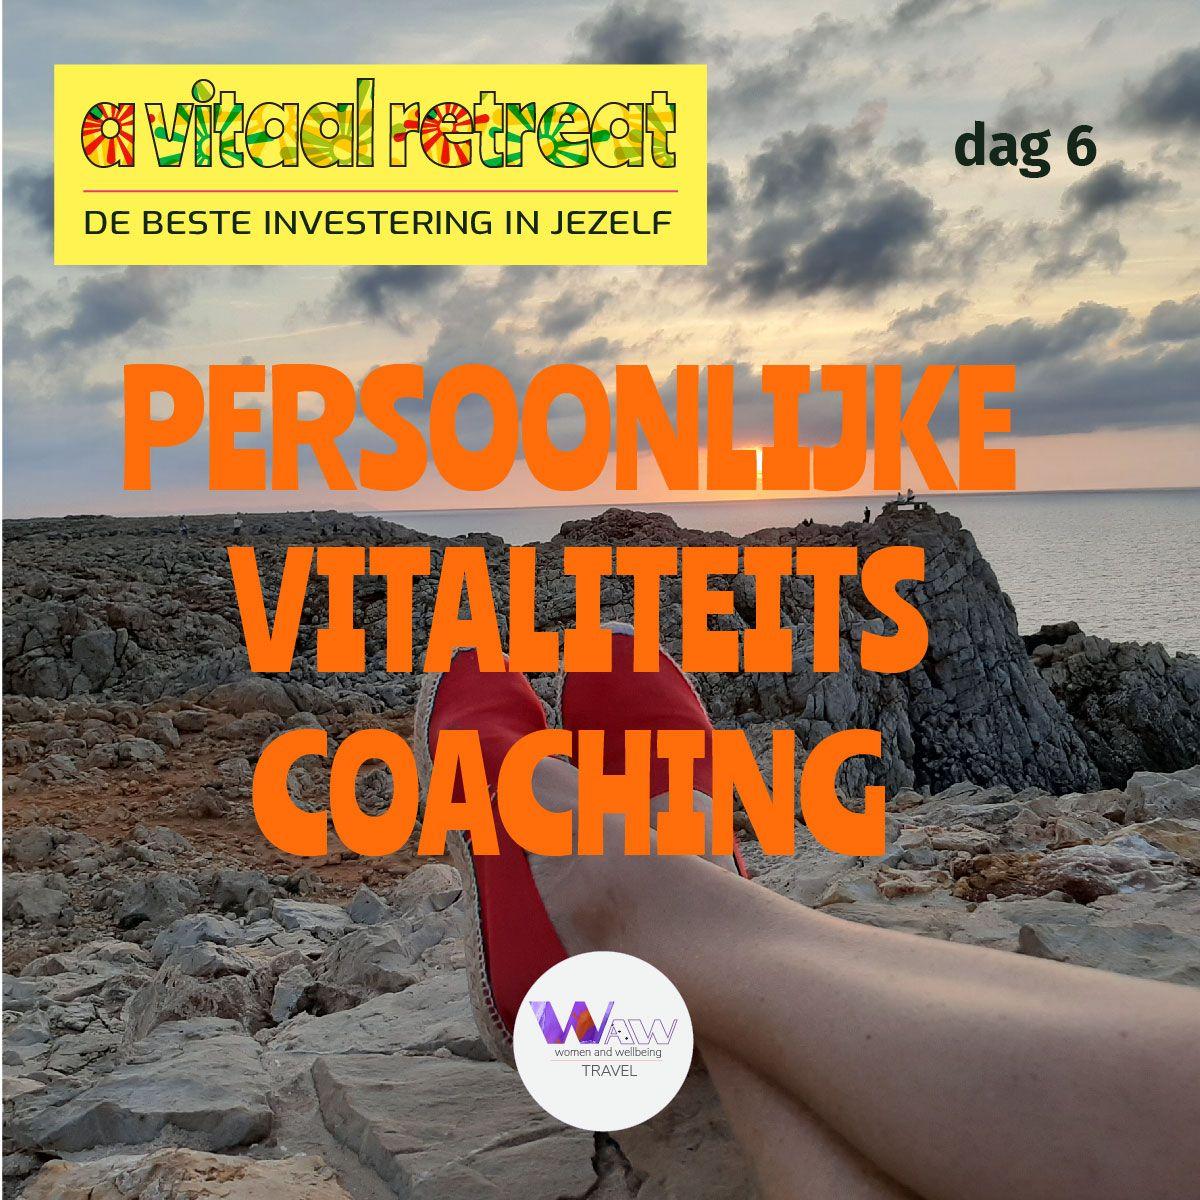 Dag 6      Persoonlijke vitaliteitscoaching